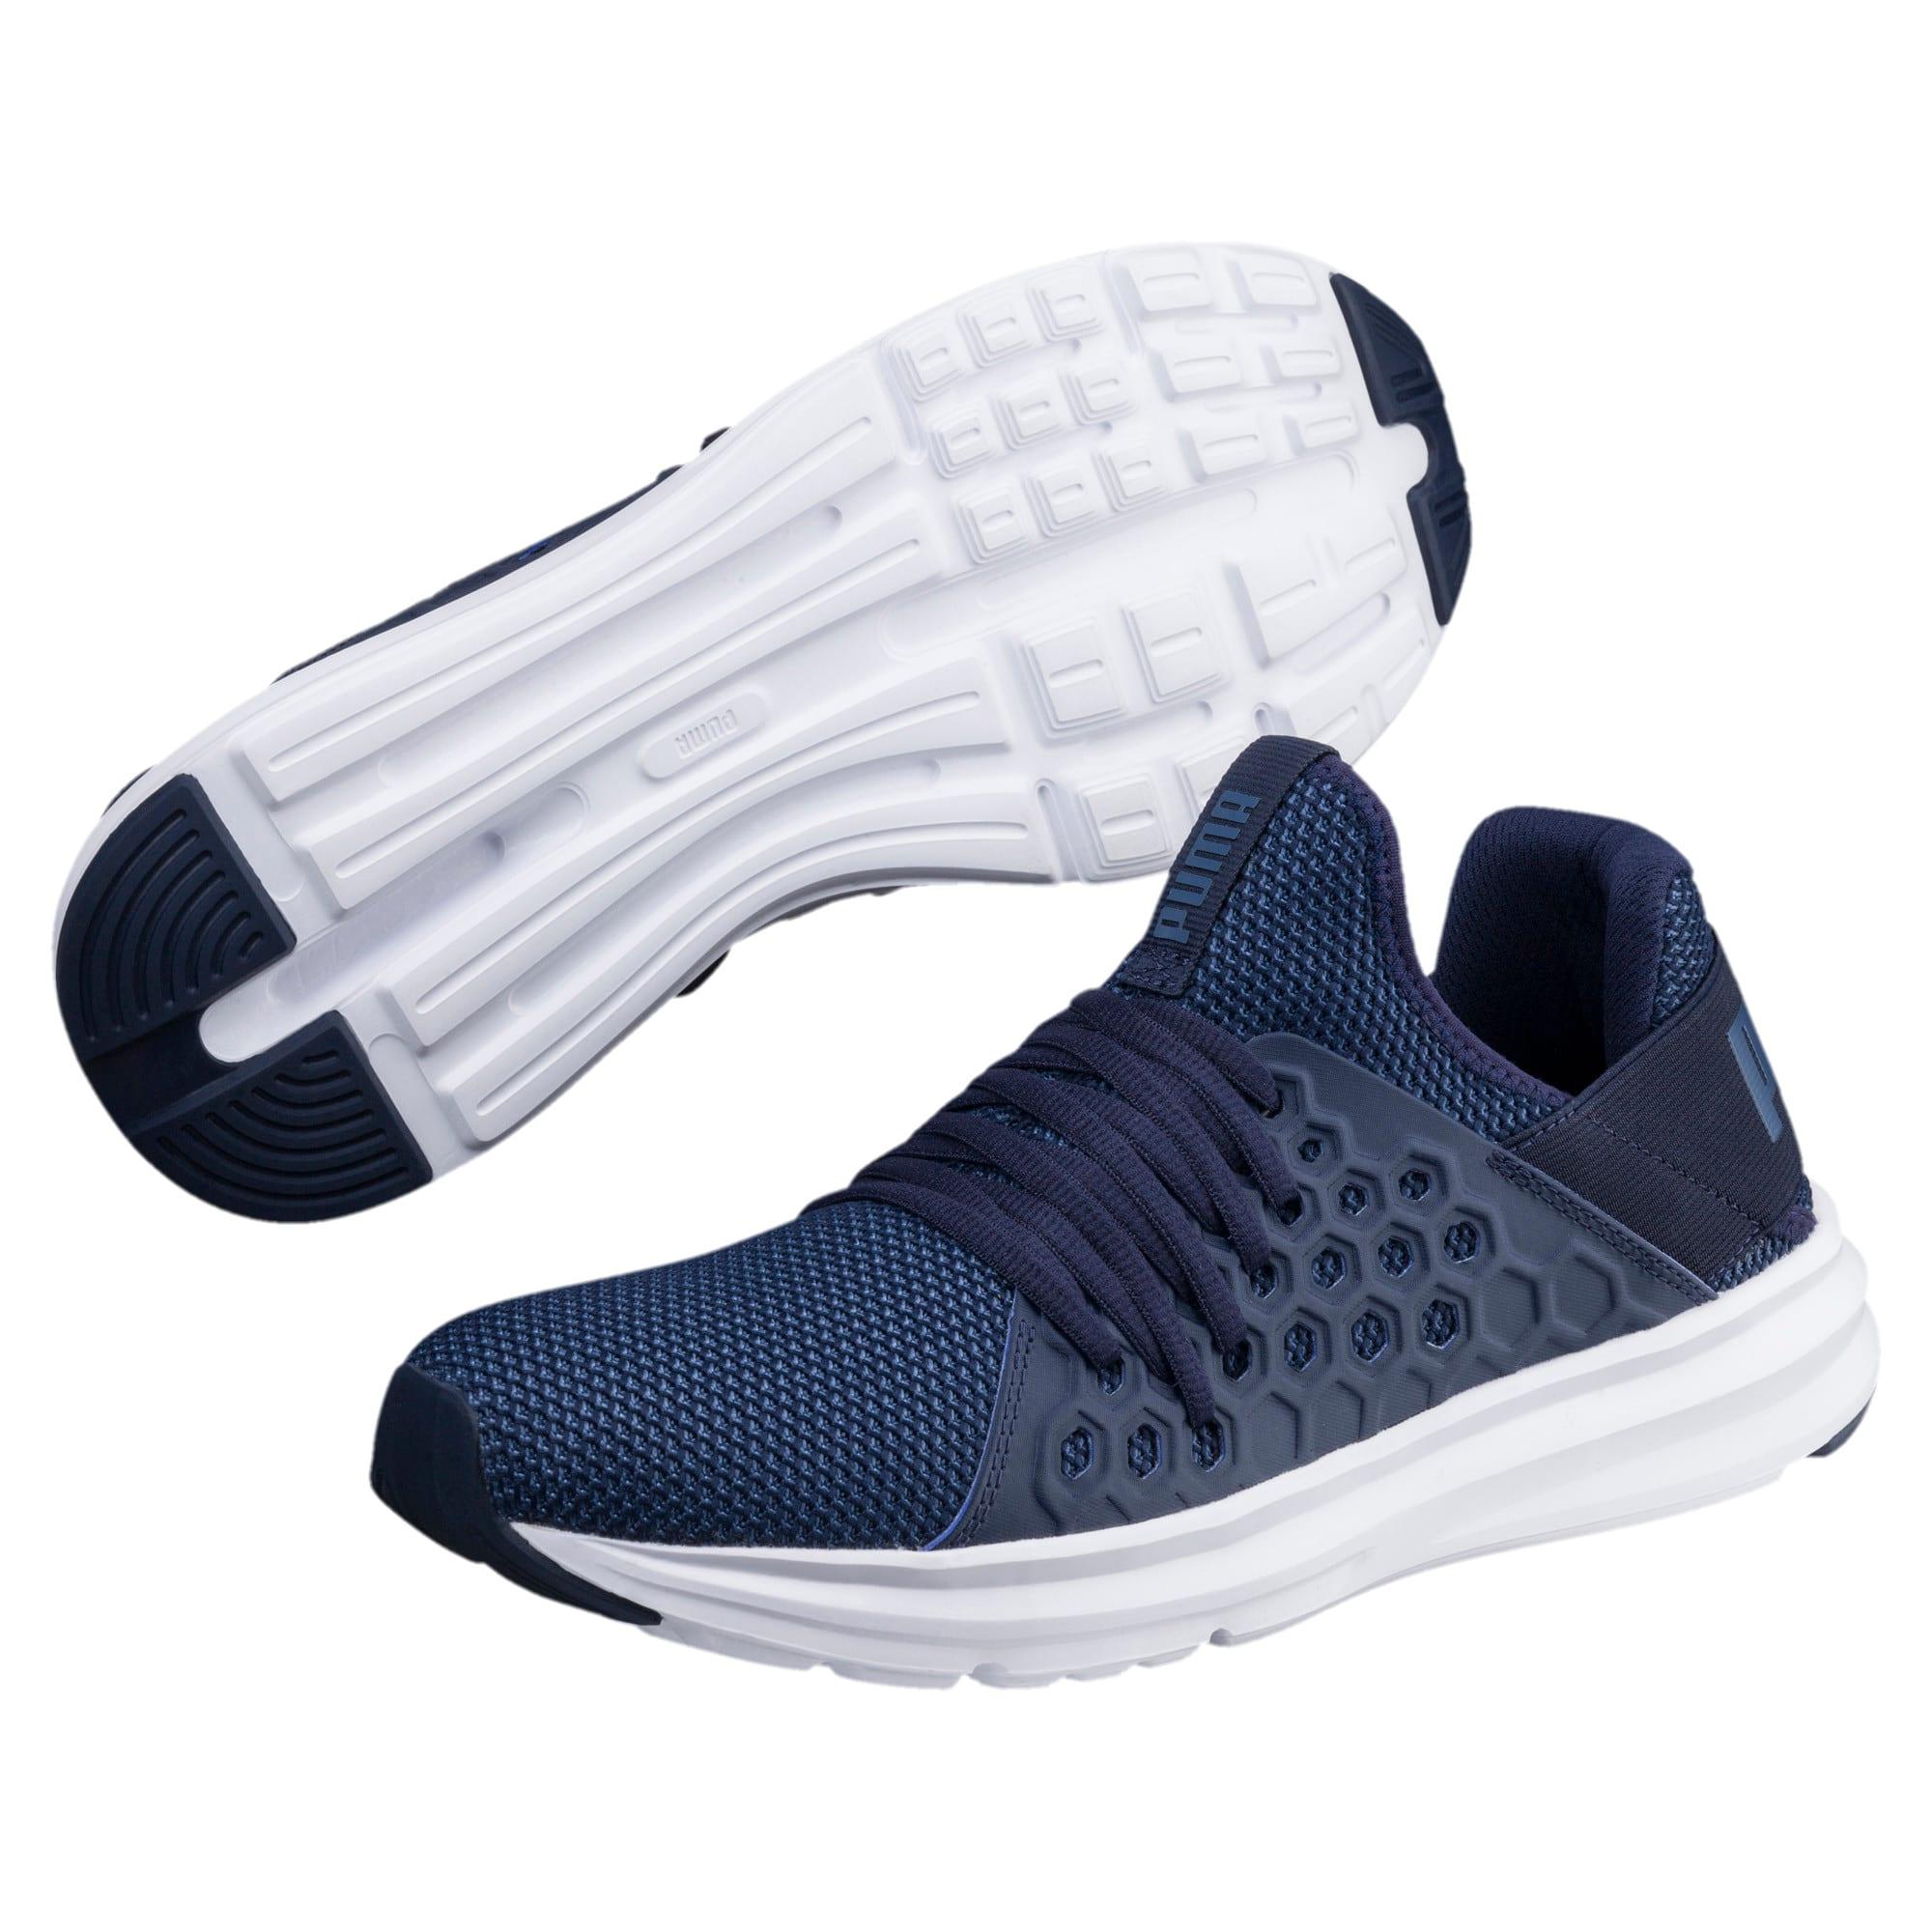 Thumbnail 2 of Enzo NETFIT Men's Training Shoes, Peacoat-Blue Indigo, medium-IND